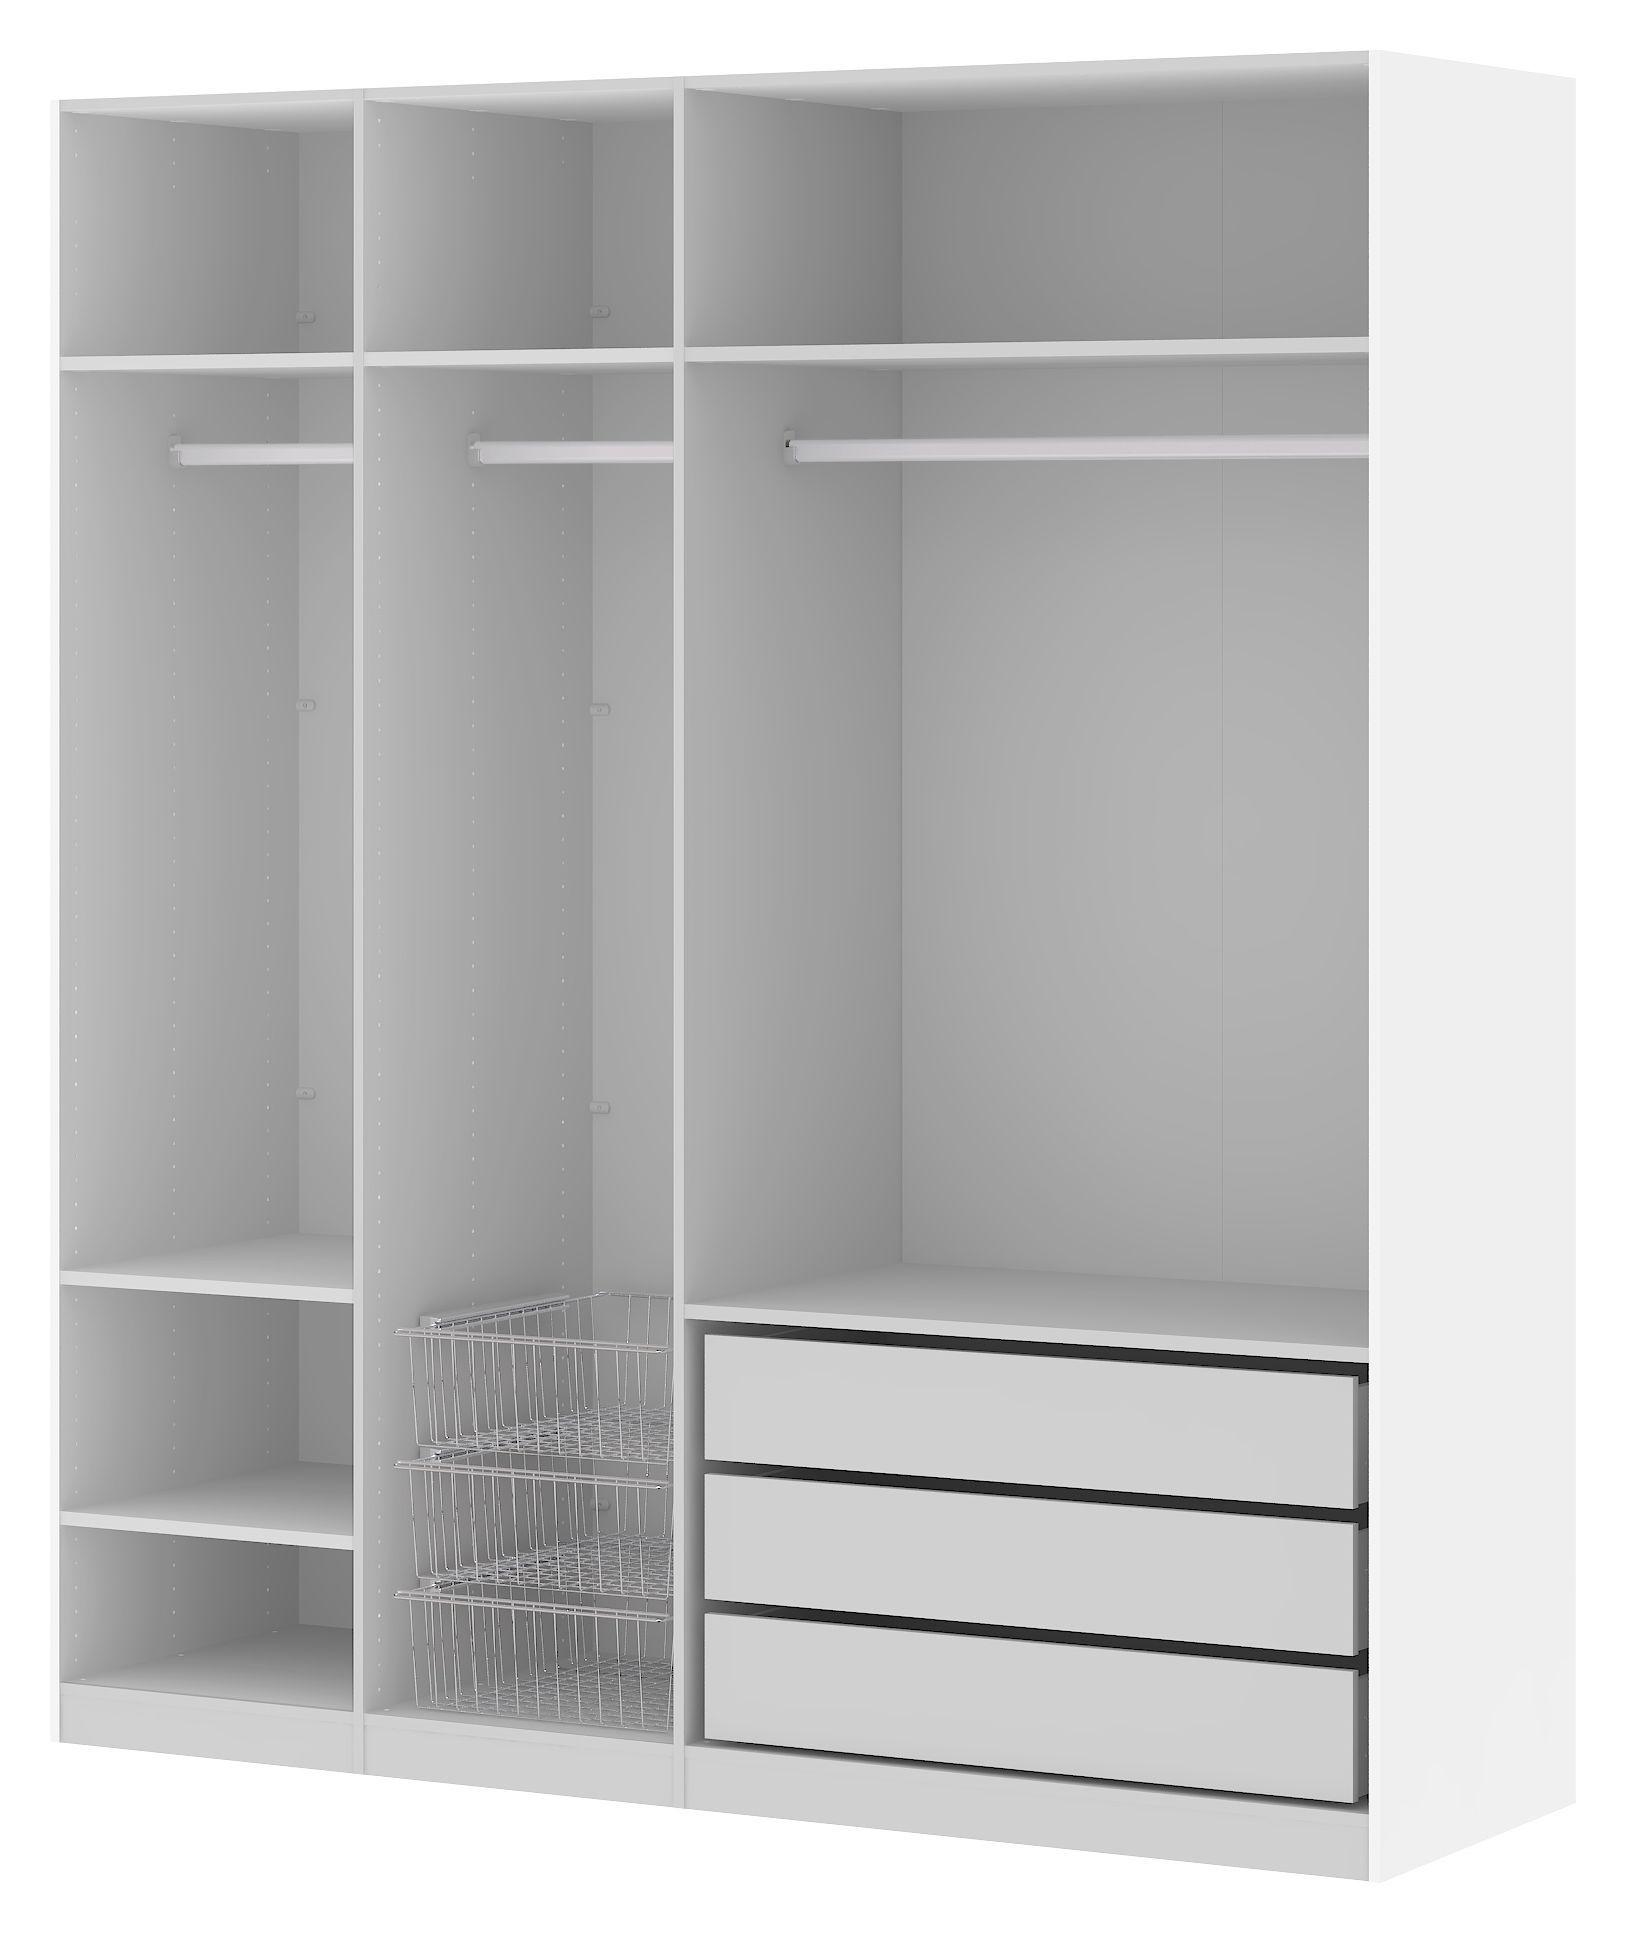 Save Ekstrahylder 2 stk. - Grå 100cm - 2 stk. sølvgrå hylder - 100 cm